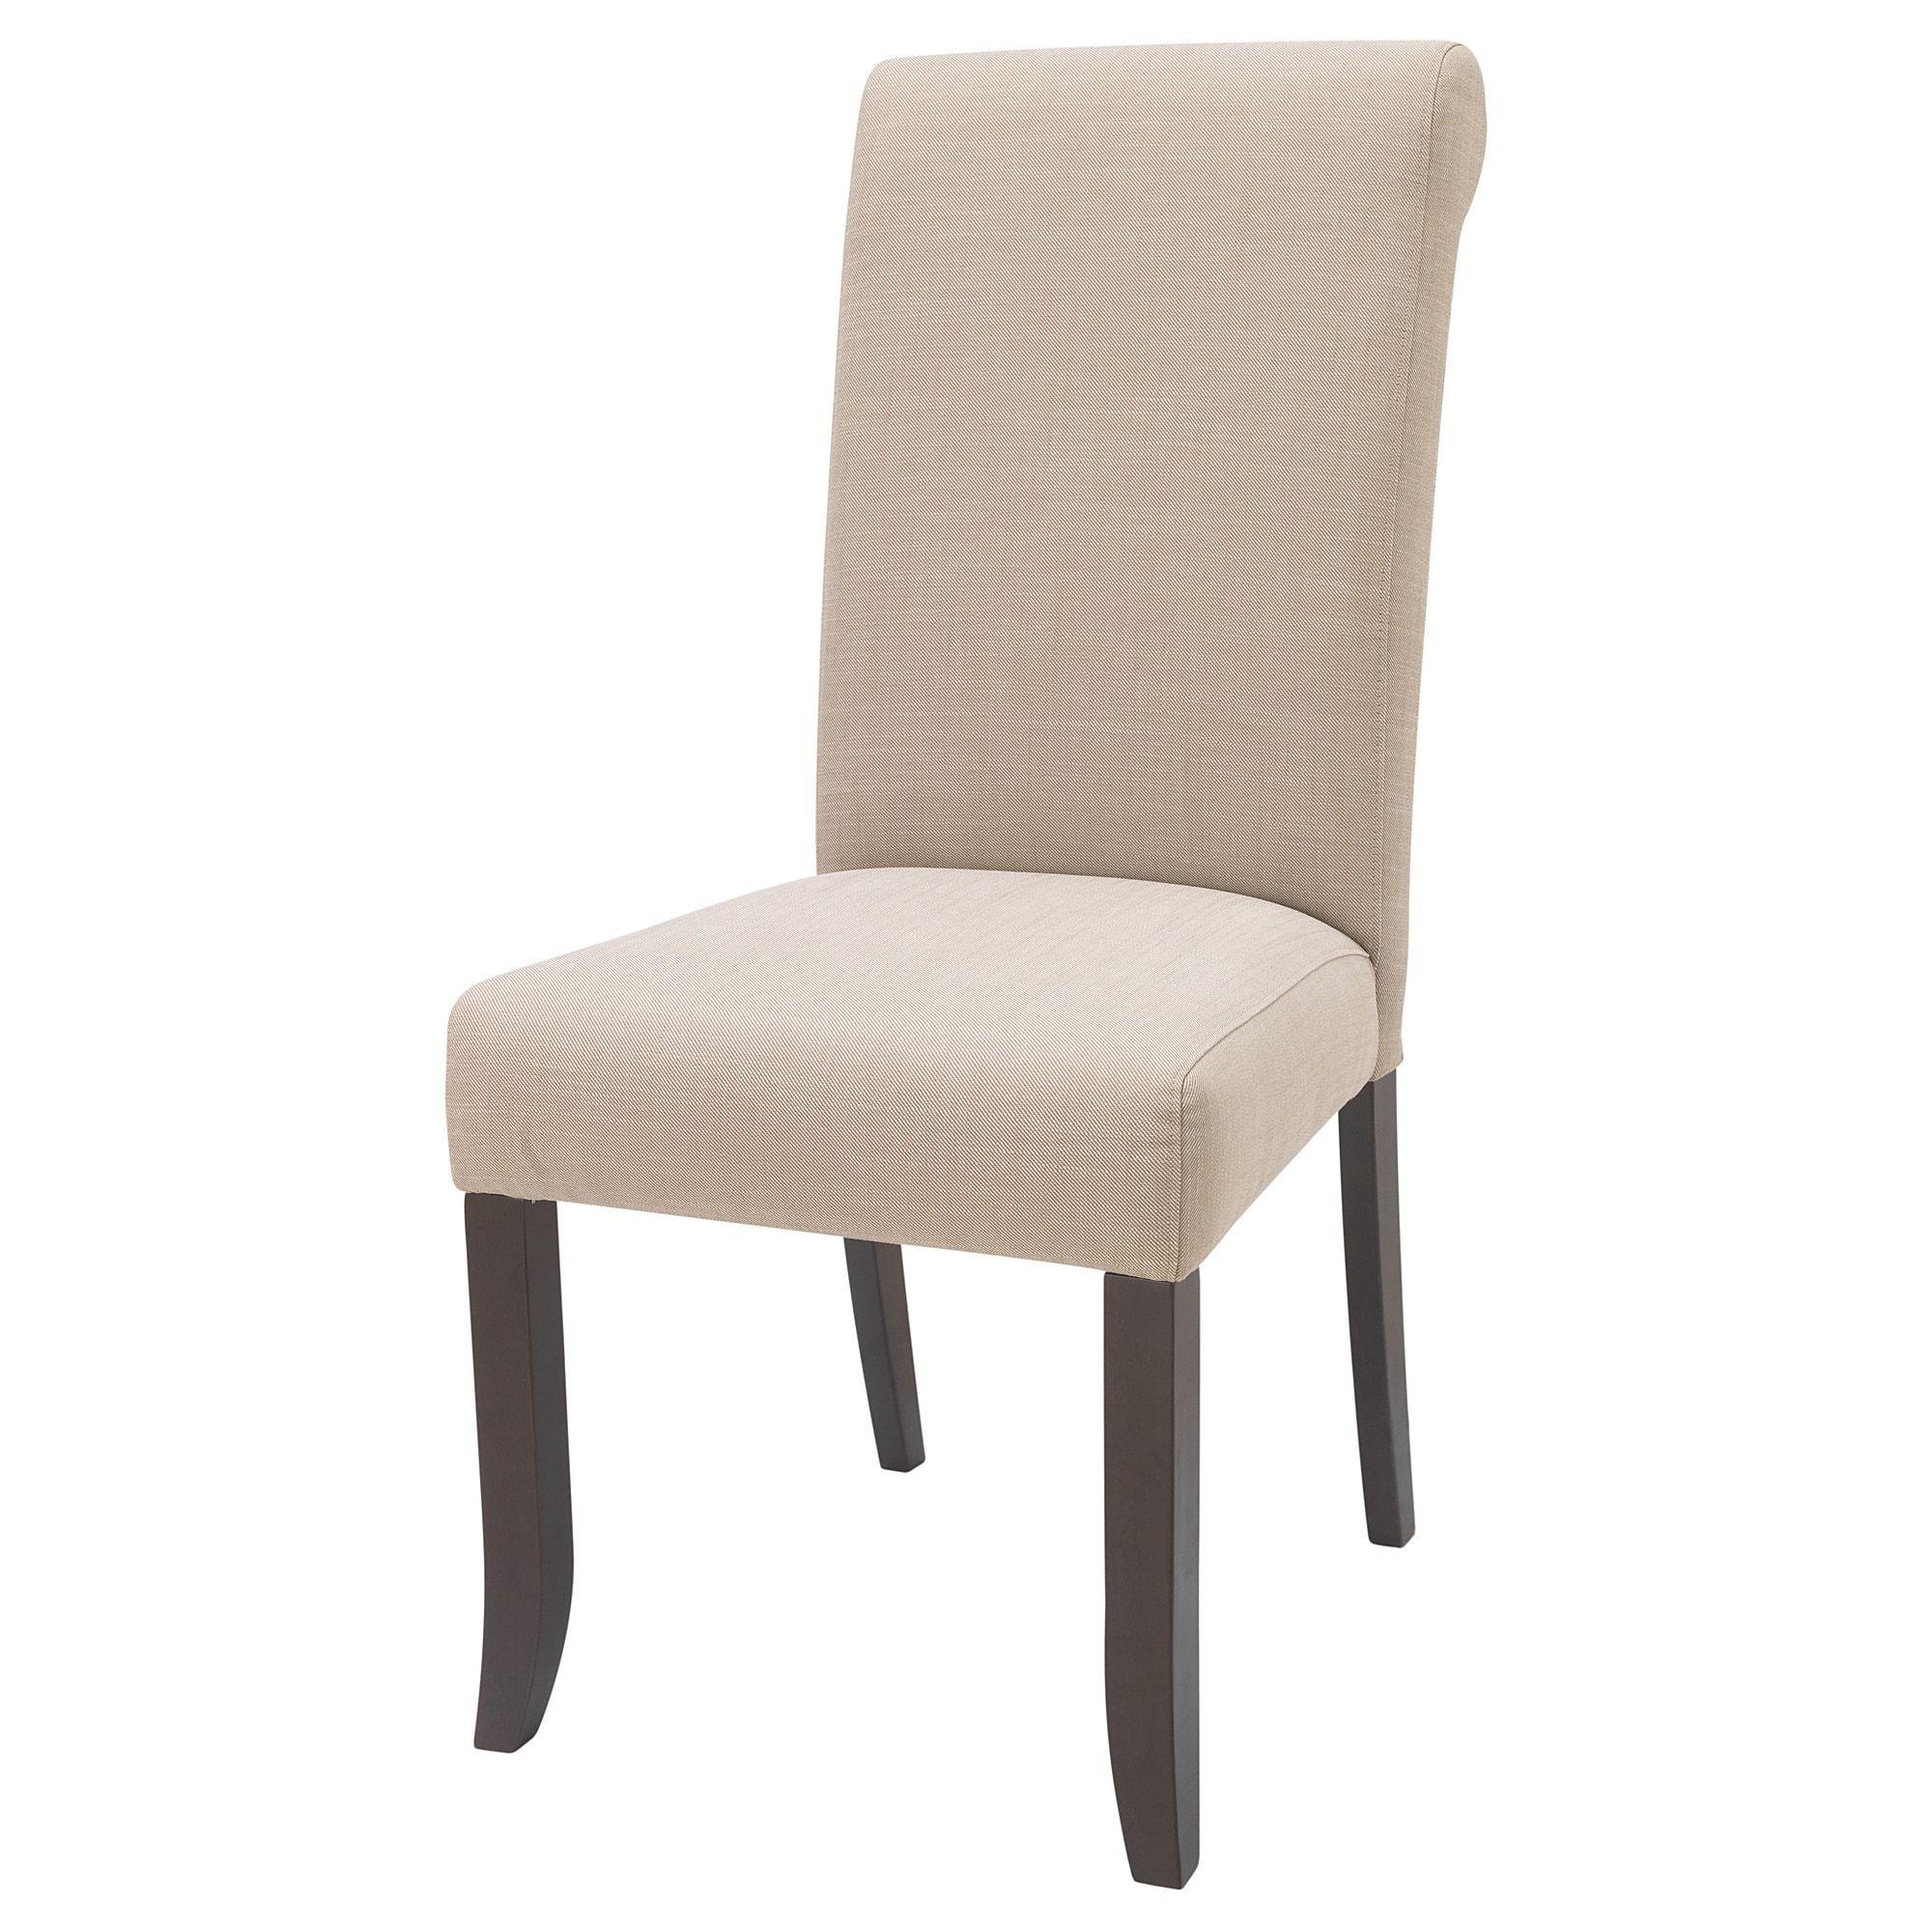 Ikea Gruvbyn Brown Nordvalla Dark Beige Chair Chair Oversized